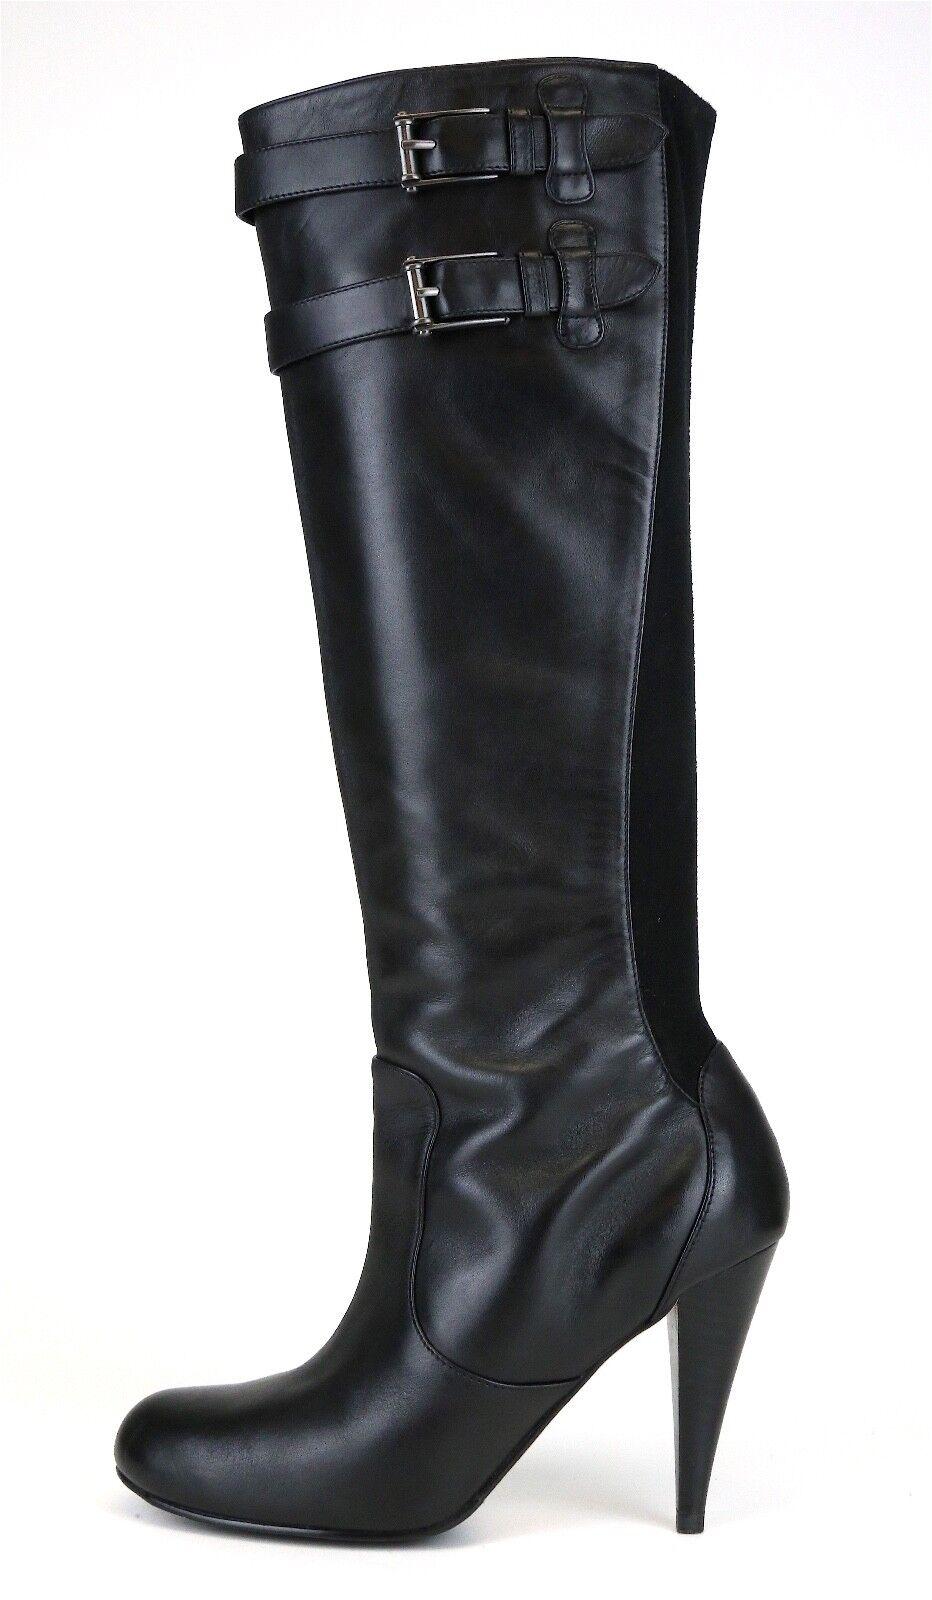 Cole Haan Aire Jalisa Alto botas De Cuero Negro para para para Mujeres Talla 6 B 5177   con 60% de descuento